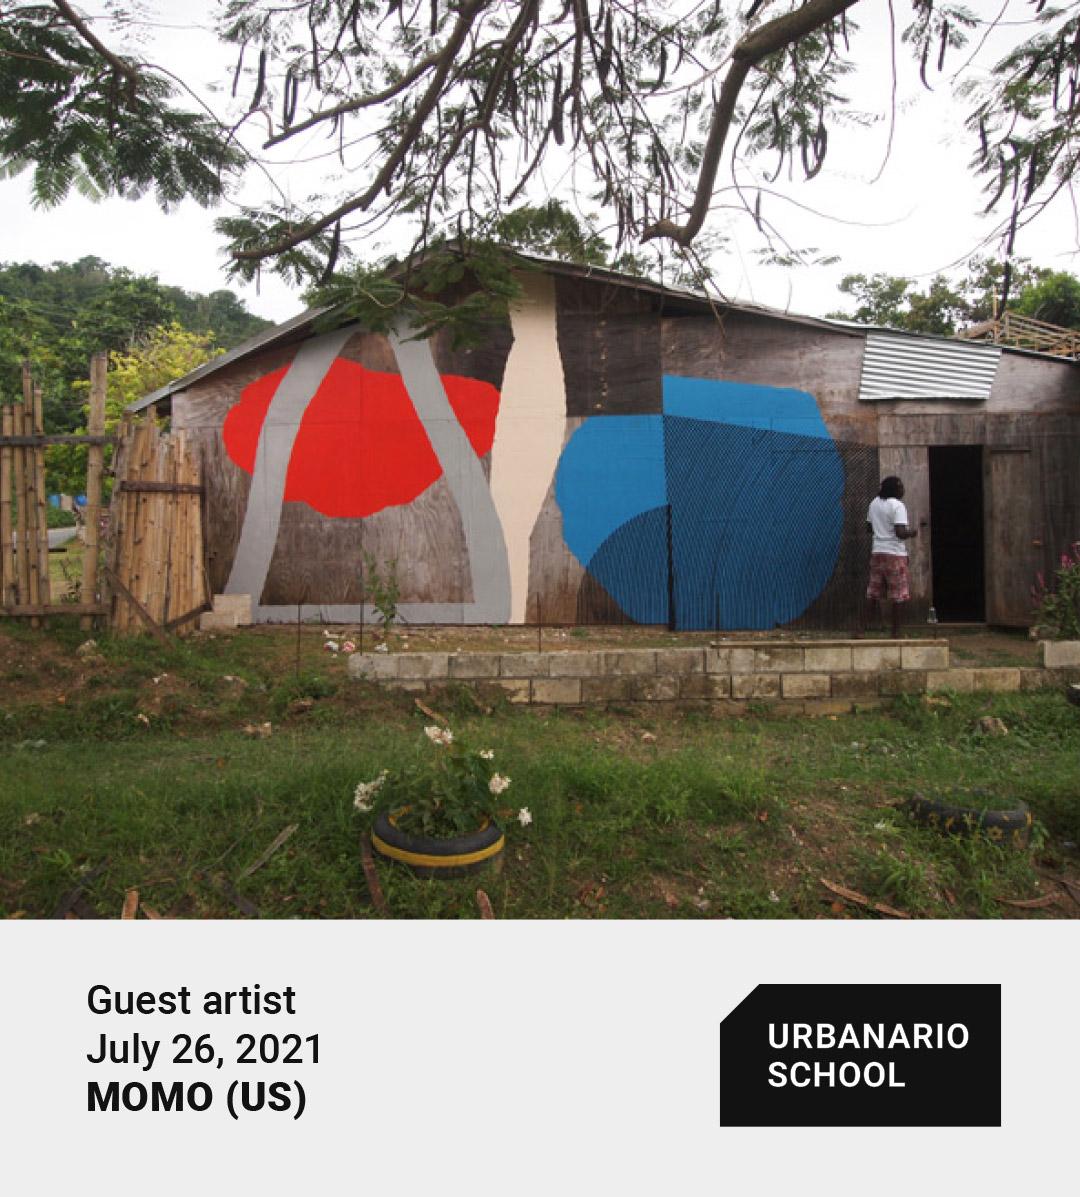 Momo Urbanario School